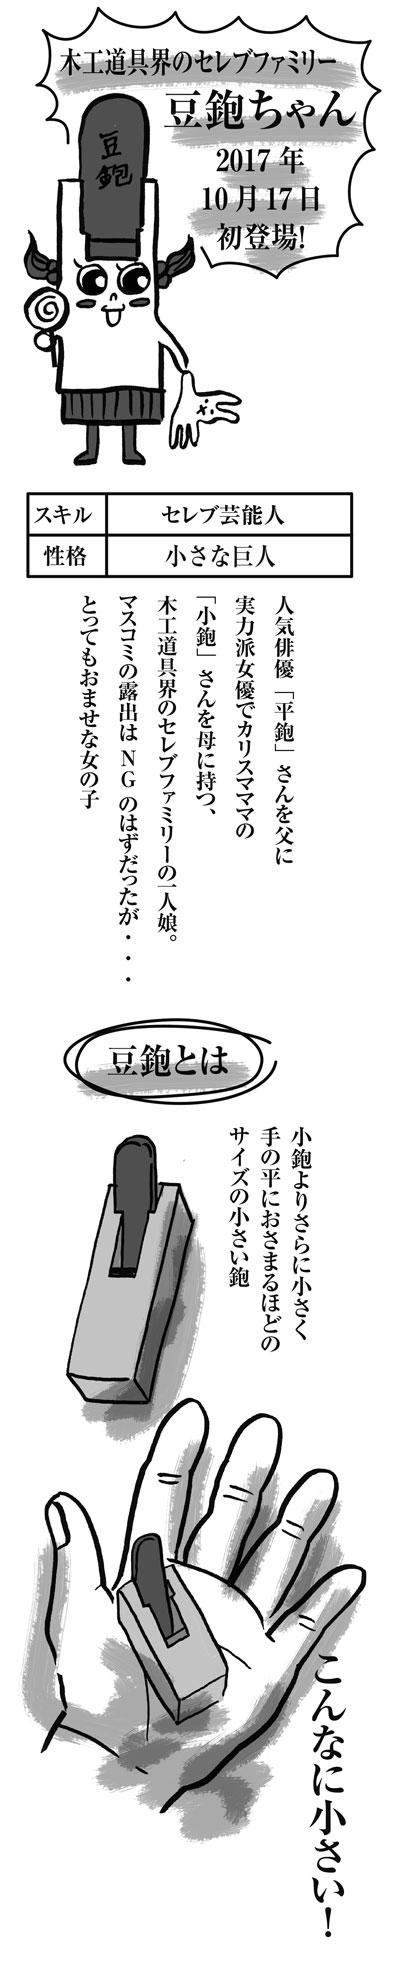 木工道具たち(28)木工道具界のセレブファミリー 豆鉋さん